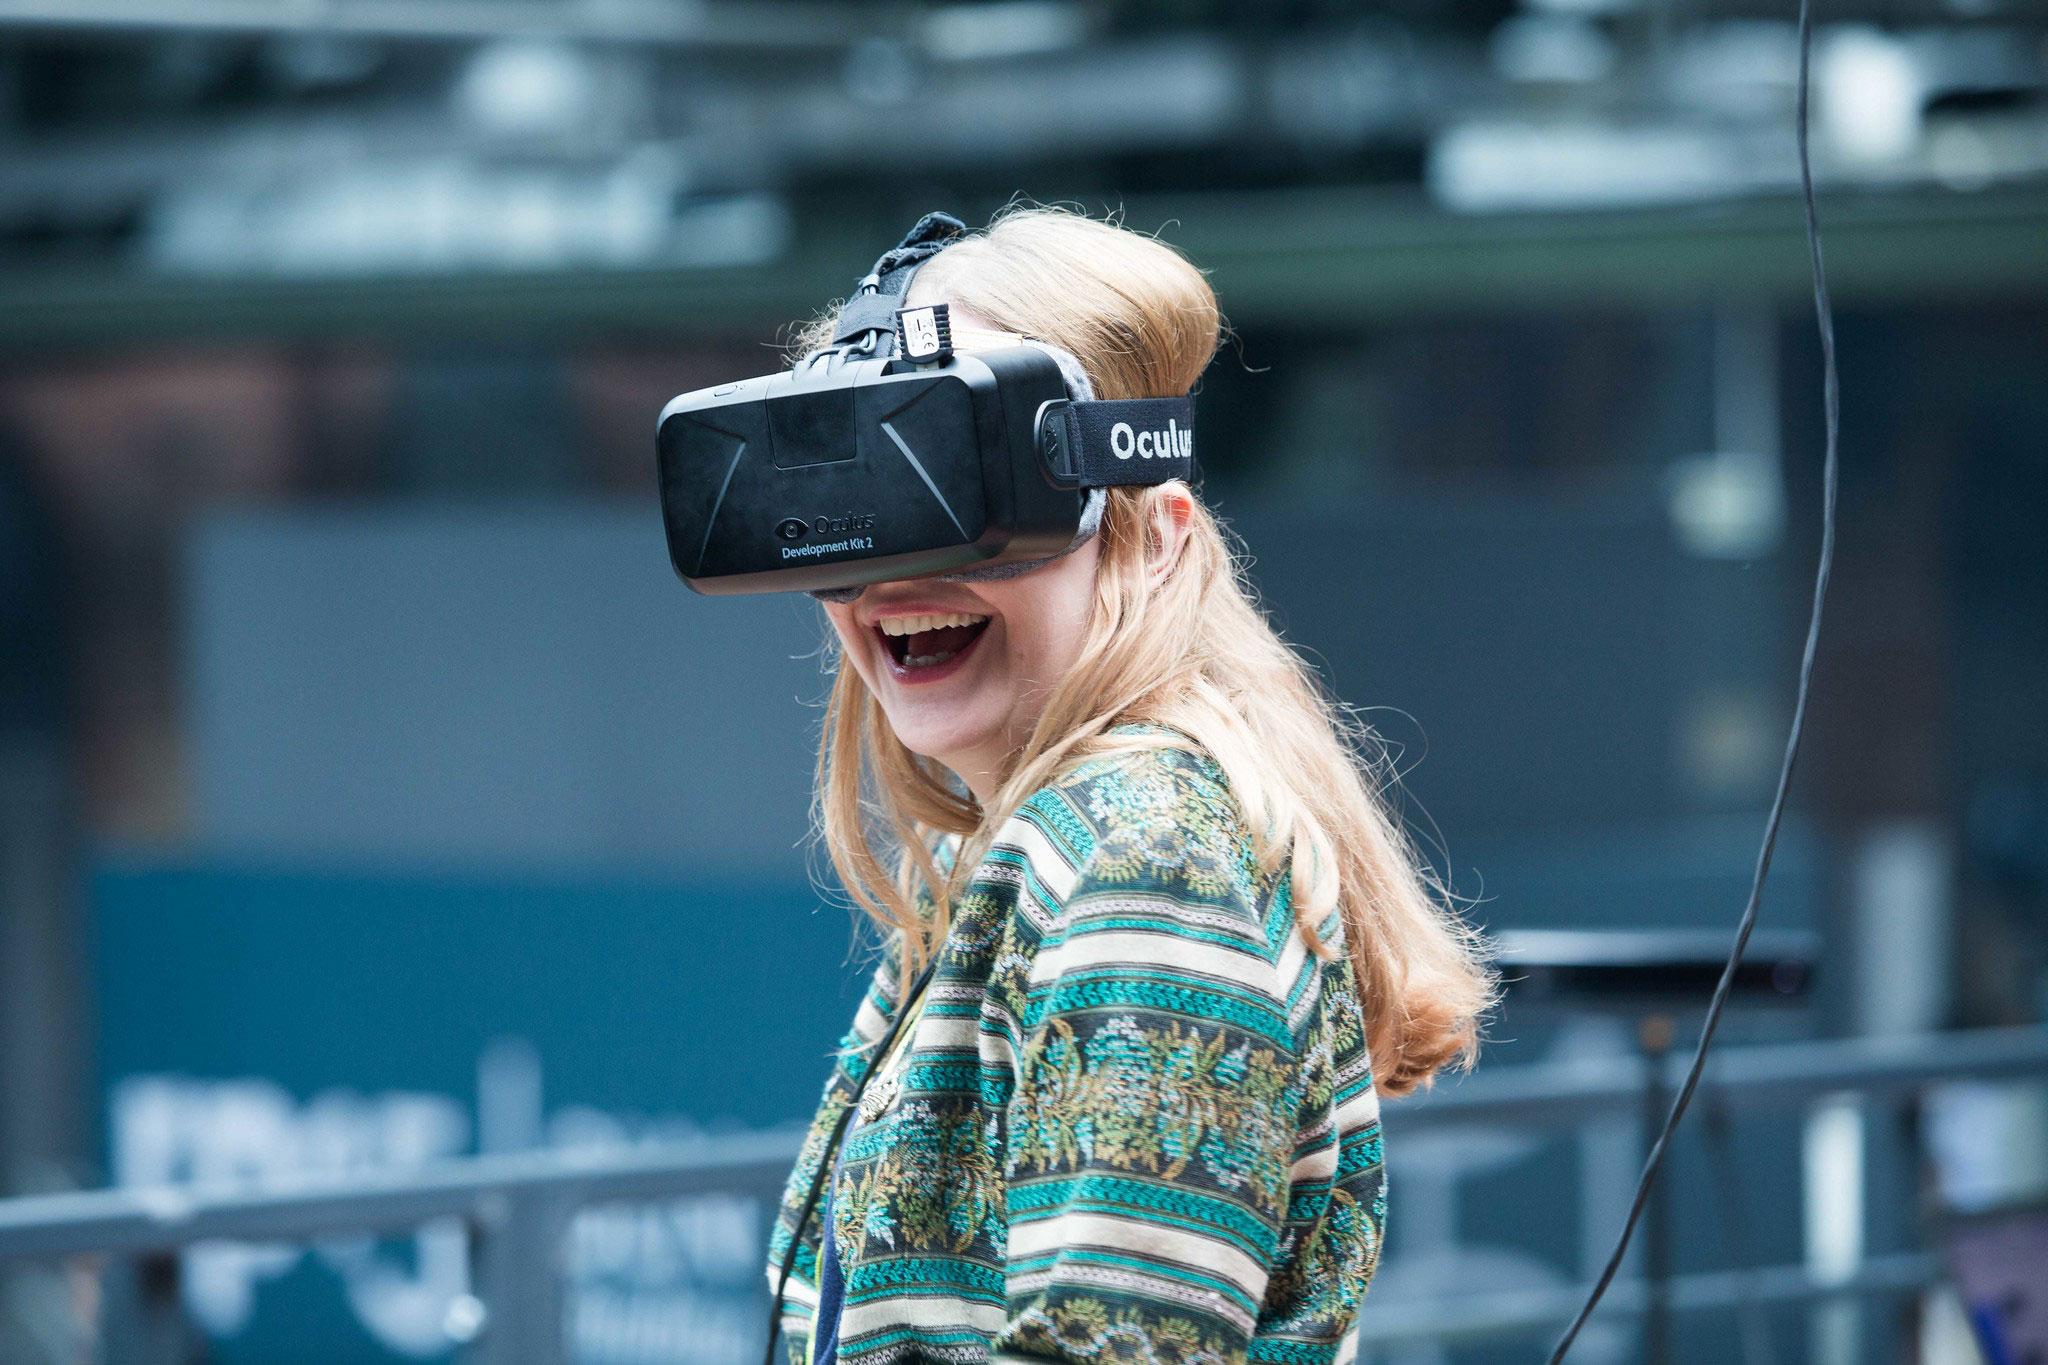 Eine Frau ist begeistert von Virtual Reality